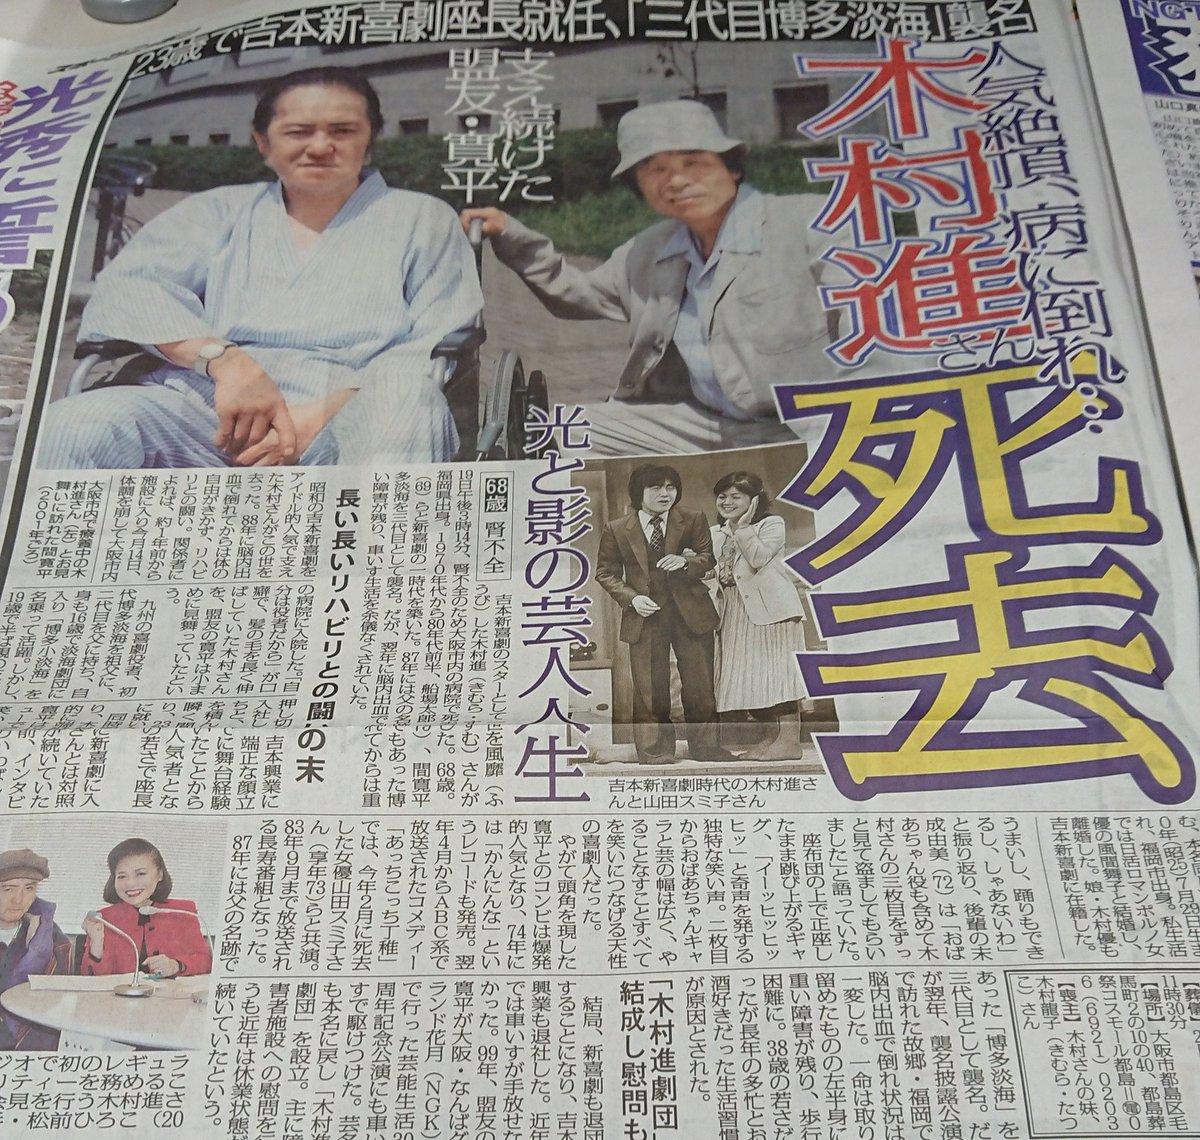 吉本新喜劇元座長・木村進さんの来歴・人物